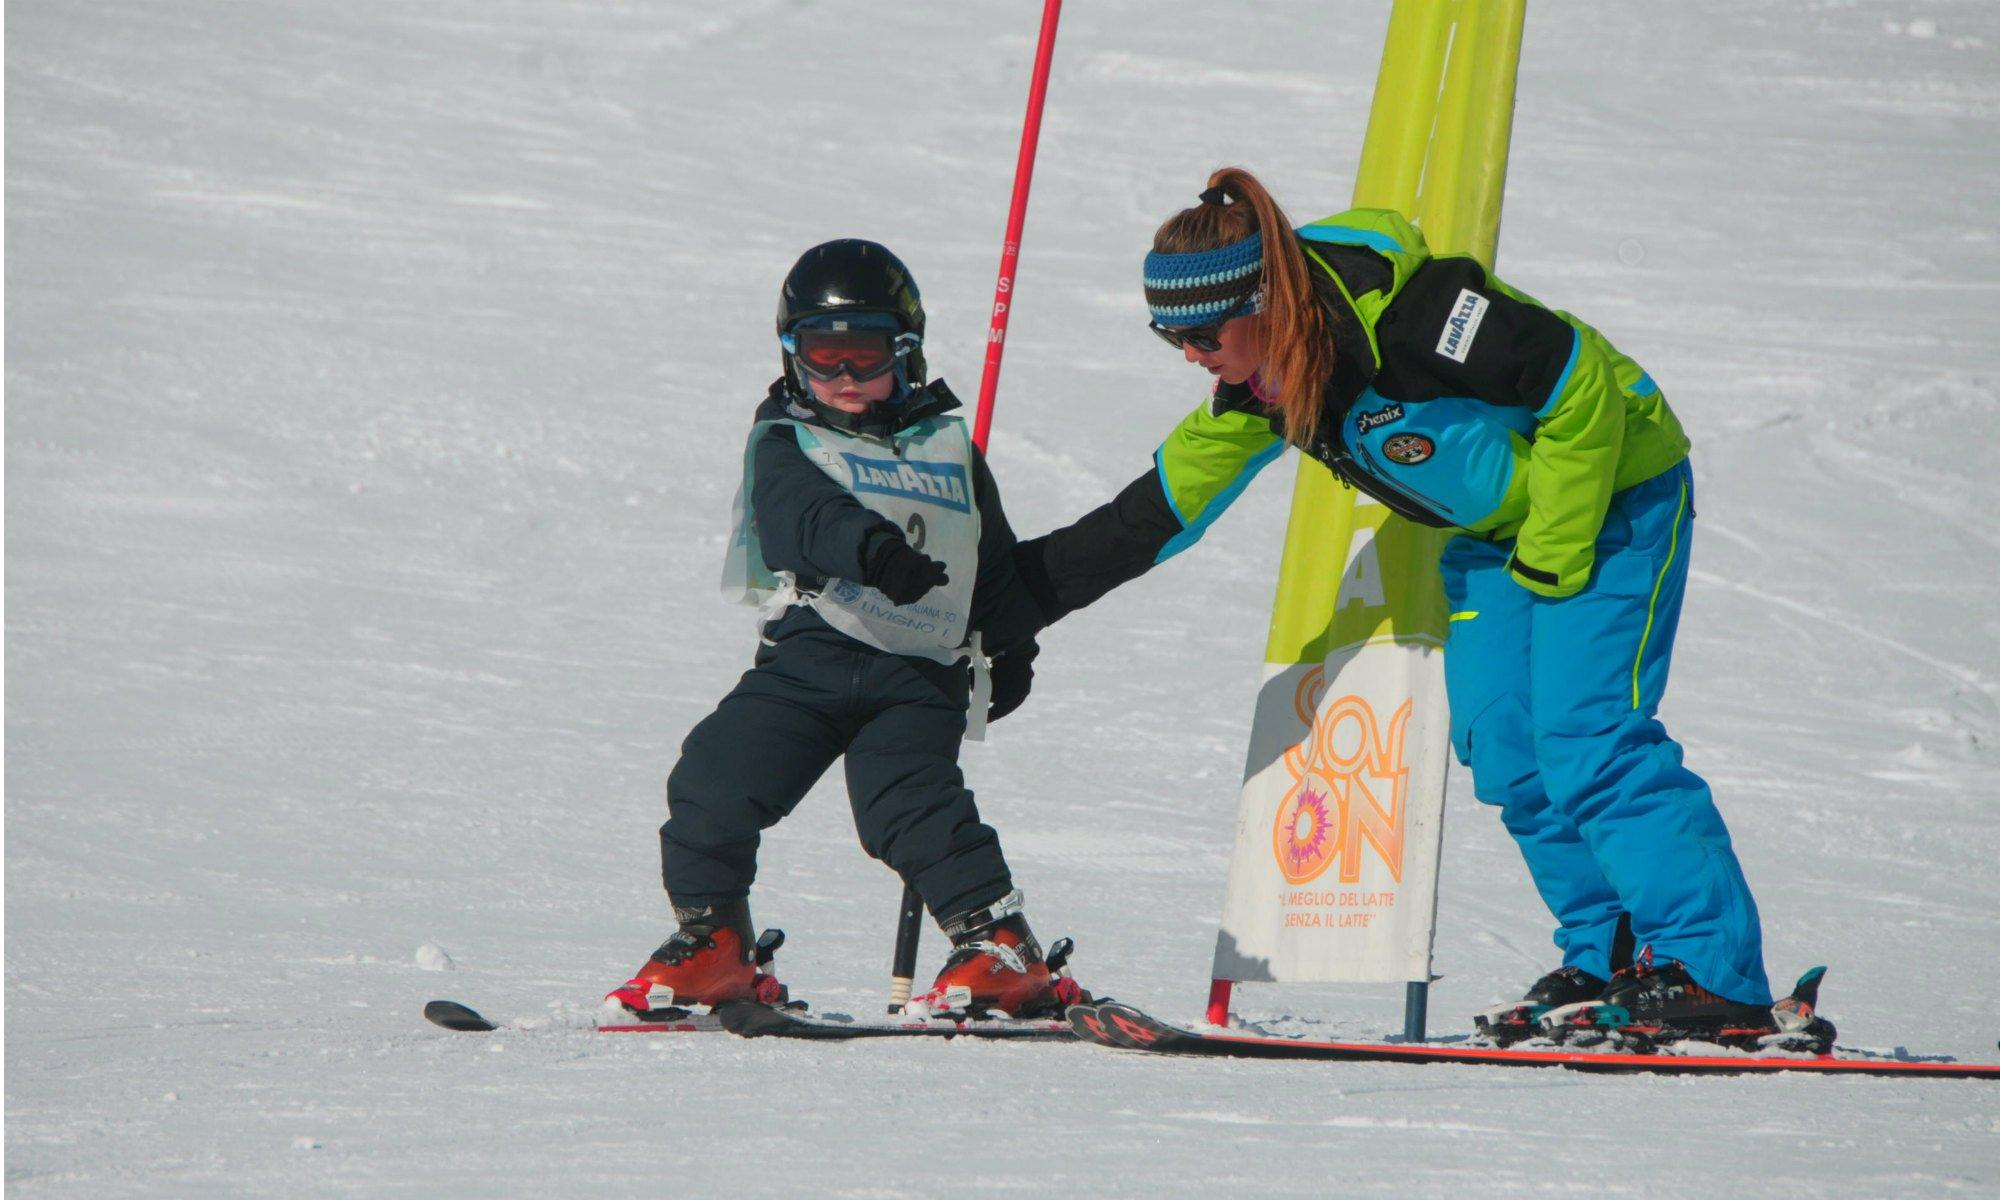 Una maestra di sci guida un bambino attraverso gli ostacoli sulla pista.